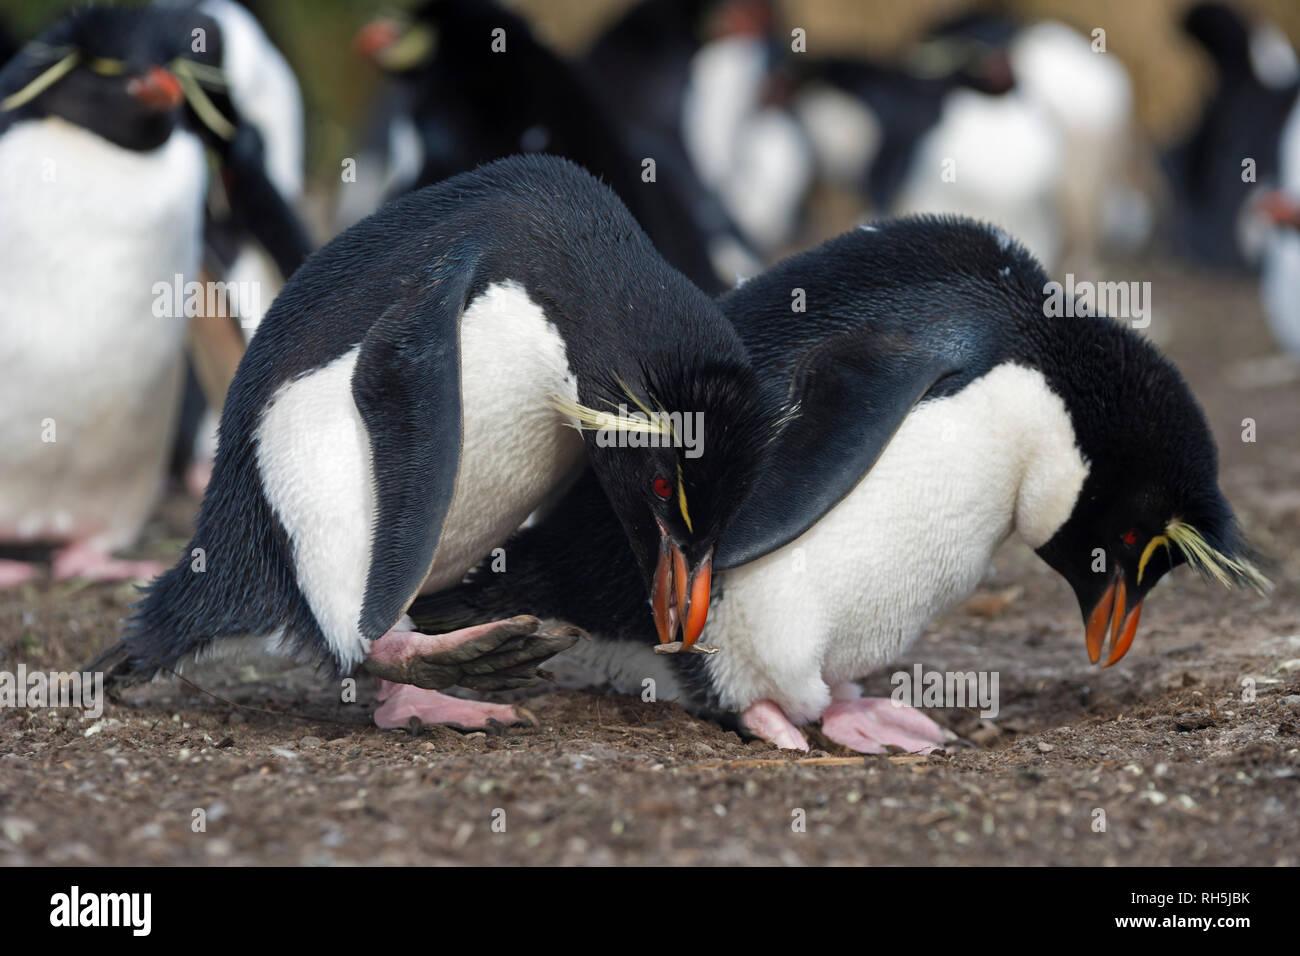 Gorfous sauteurs Eudyptes chrysocome debout à nid tête baissée l'accouplement posent plus sombres des îles Falkland Island Photo Stock